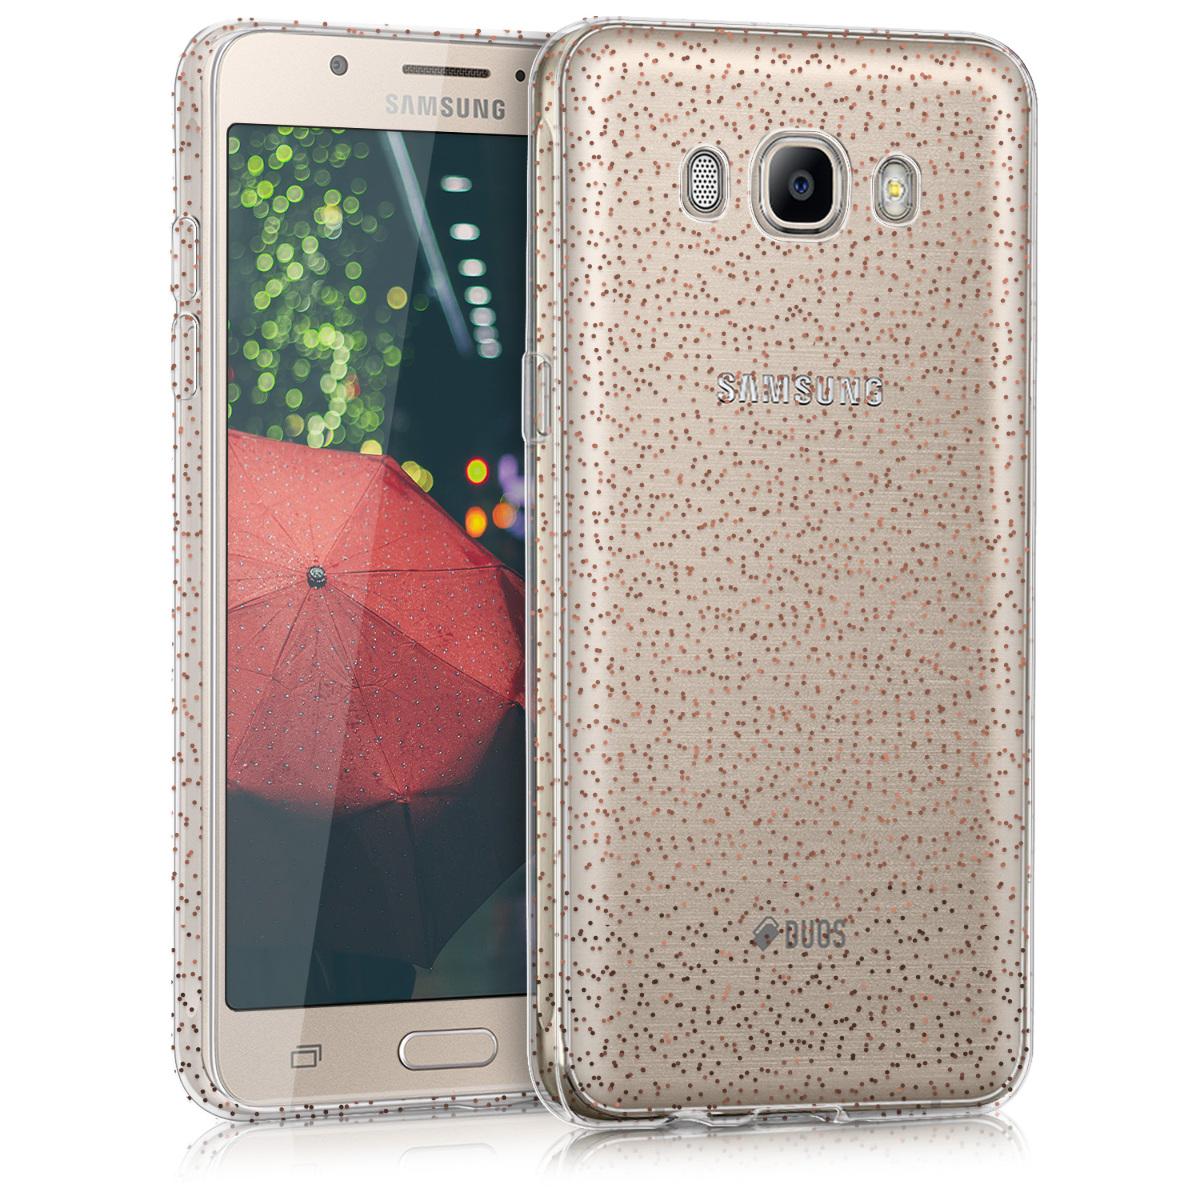 Kvalitní silikonové TPU pouzdro pro Samsung J5 (2016) DUOS - Glitter Dots červená / transparentní